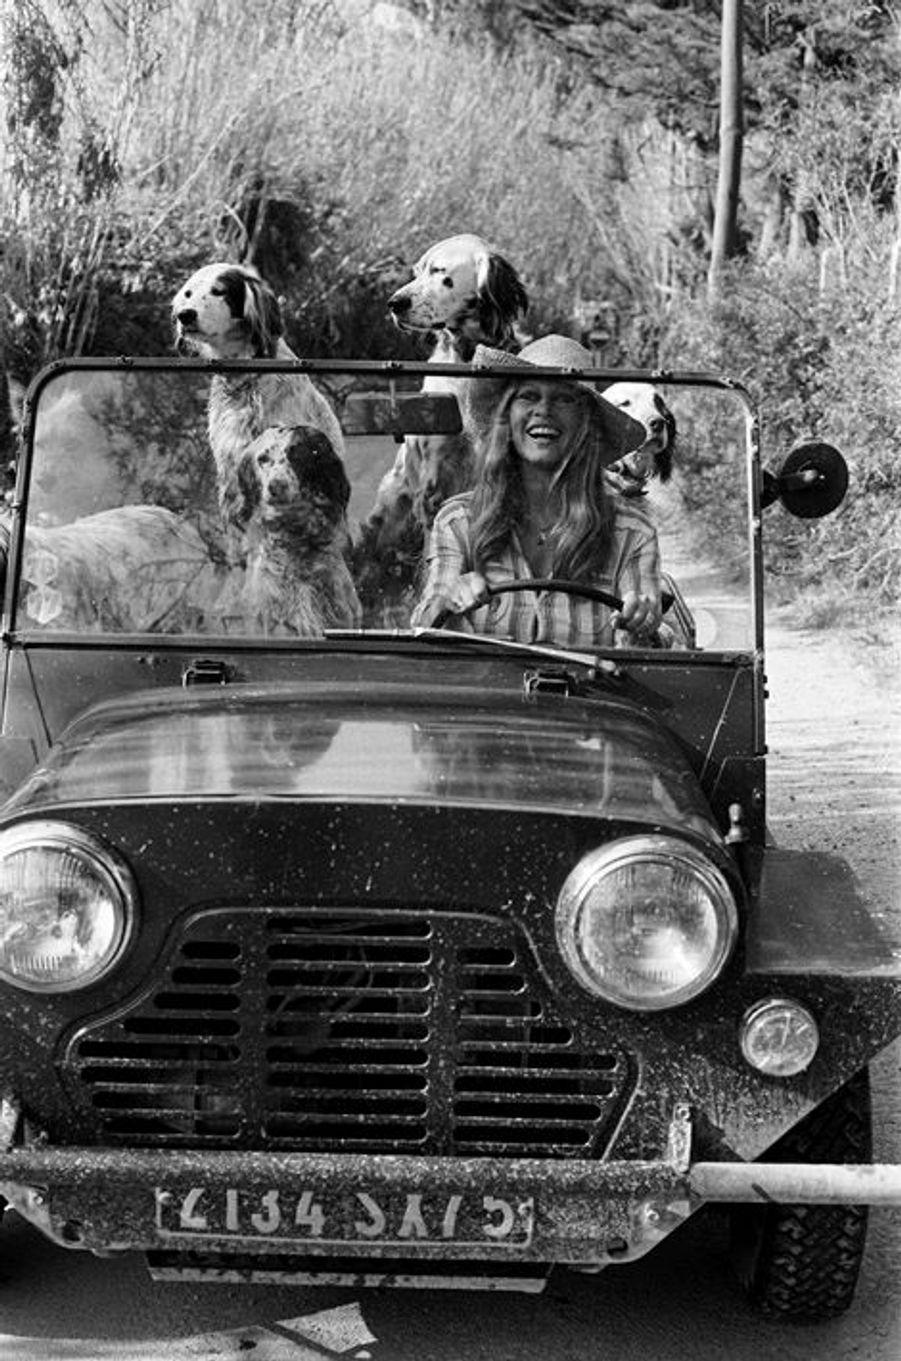 """Brigitte BARDOT avec ses chiens au volant de sa Mini Moke, à la """"Madrague"""". BB a accepté d'être filmée par son ami A. Bougrain-Dubourg pour l'émission d' Antenne 2 """"Les animaux et les hommes"""". Avril 1980."""